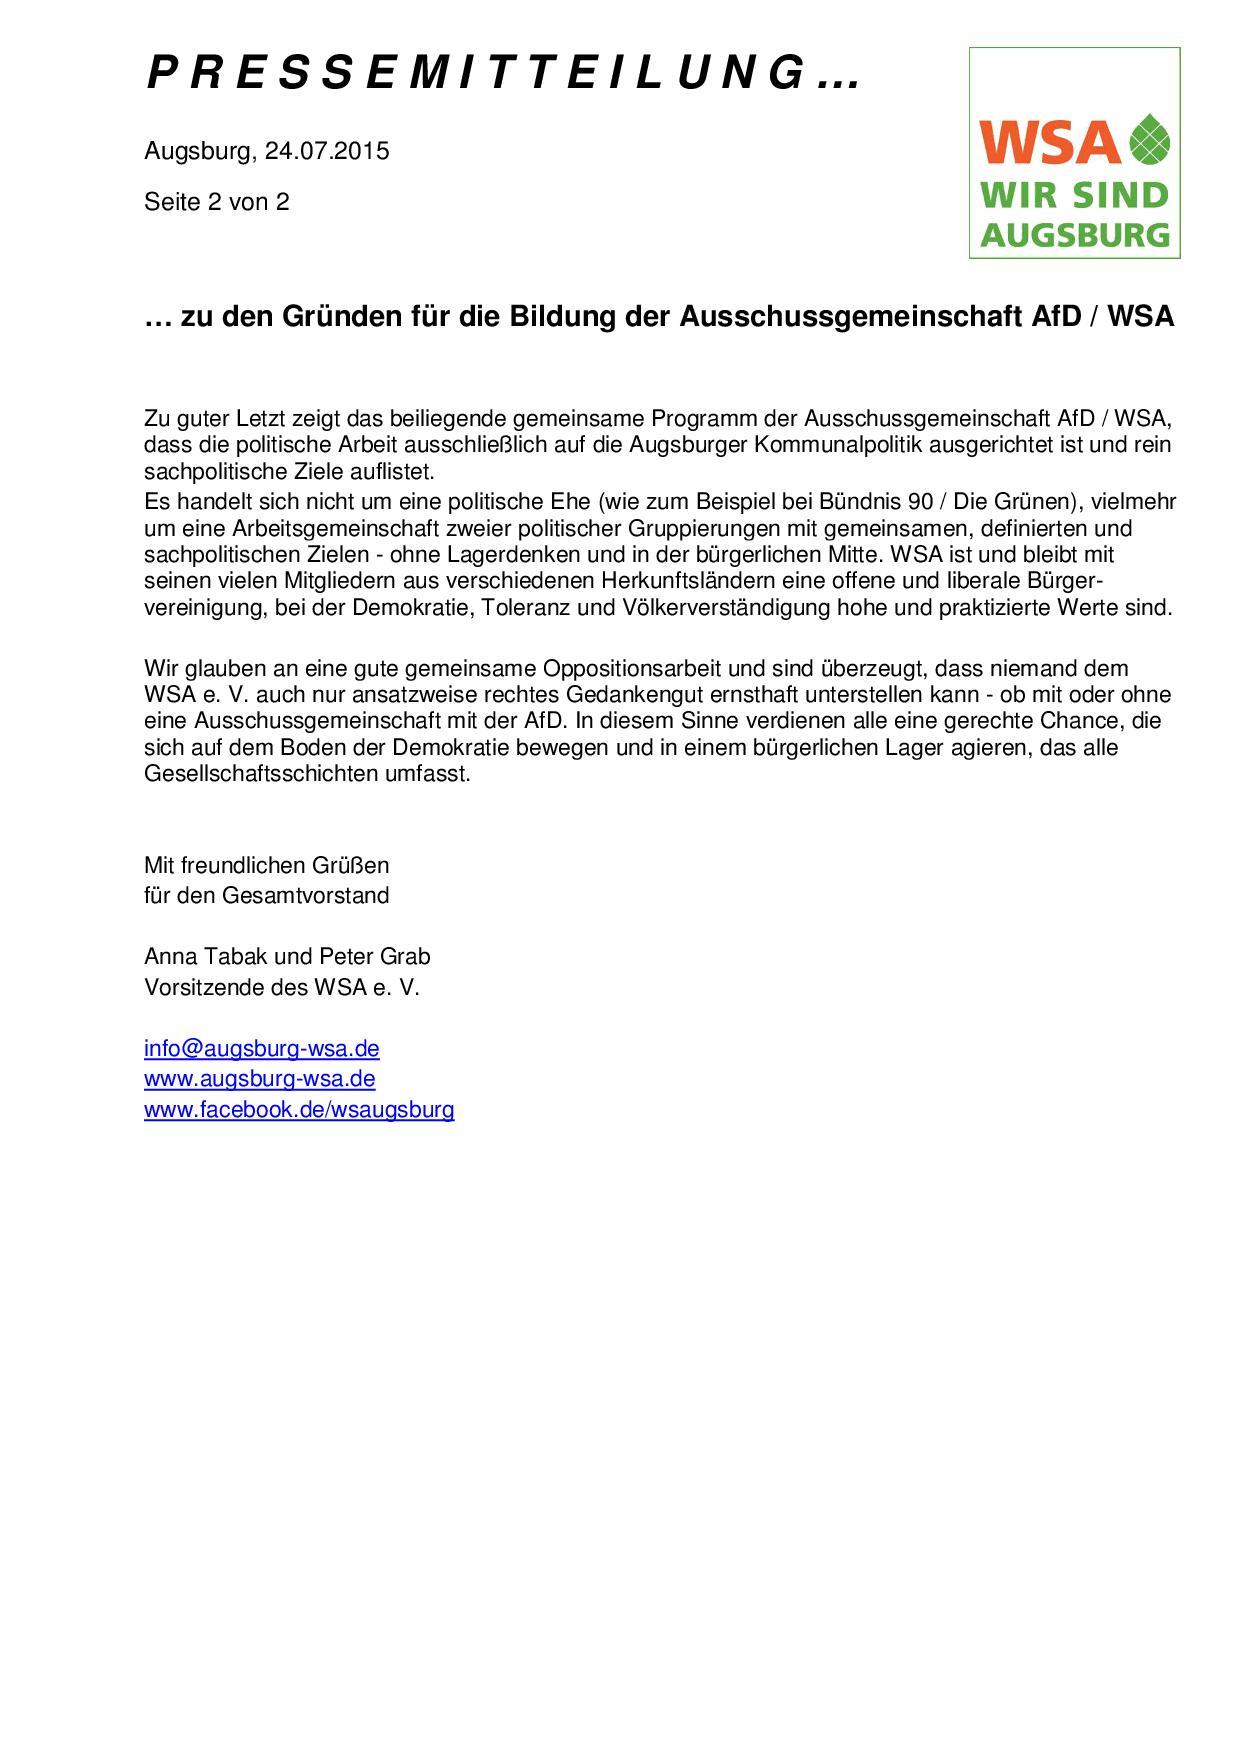 WSA-Pressemitteilung vom 24.07.2015 zur Bildung einer Ausschussgemeinschaft AfD-WSA-002